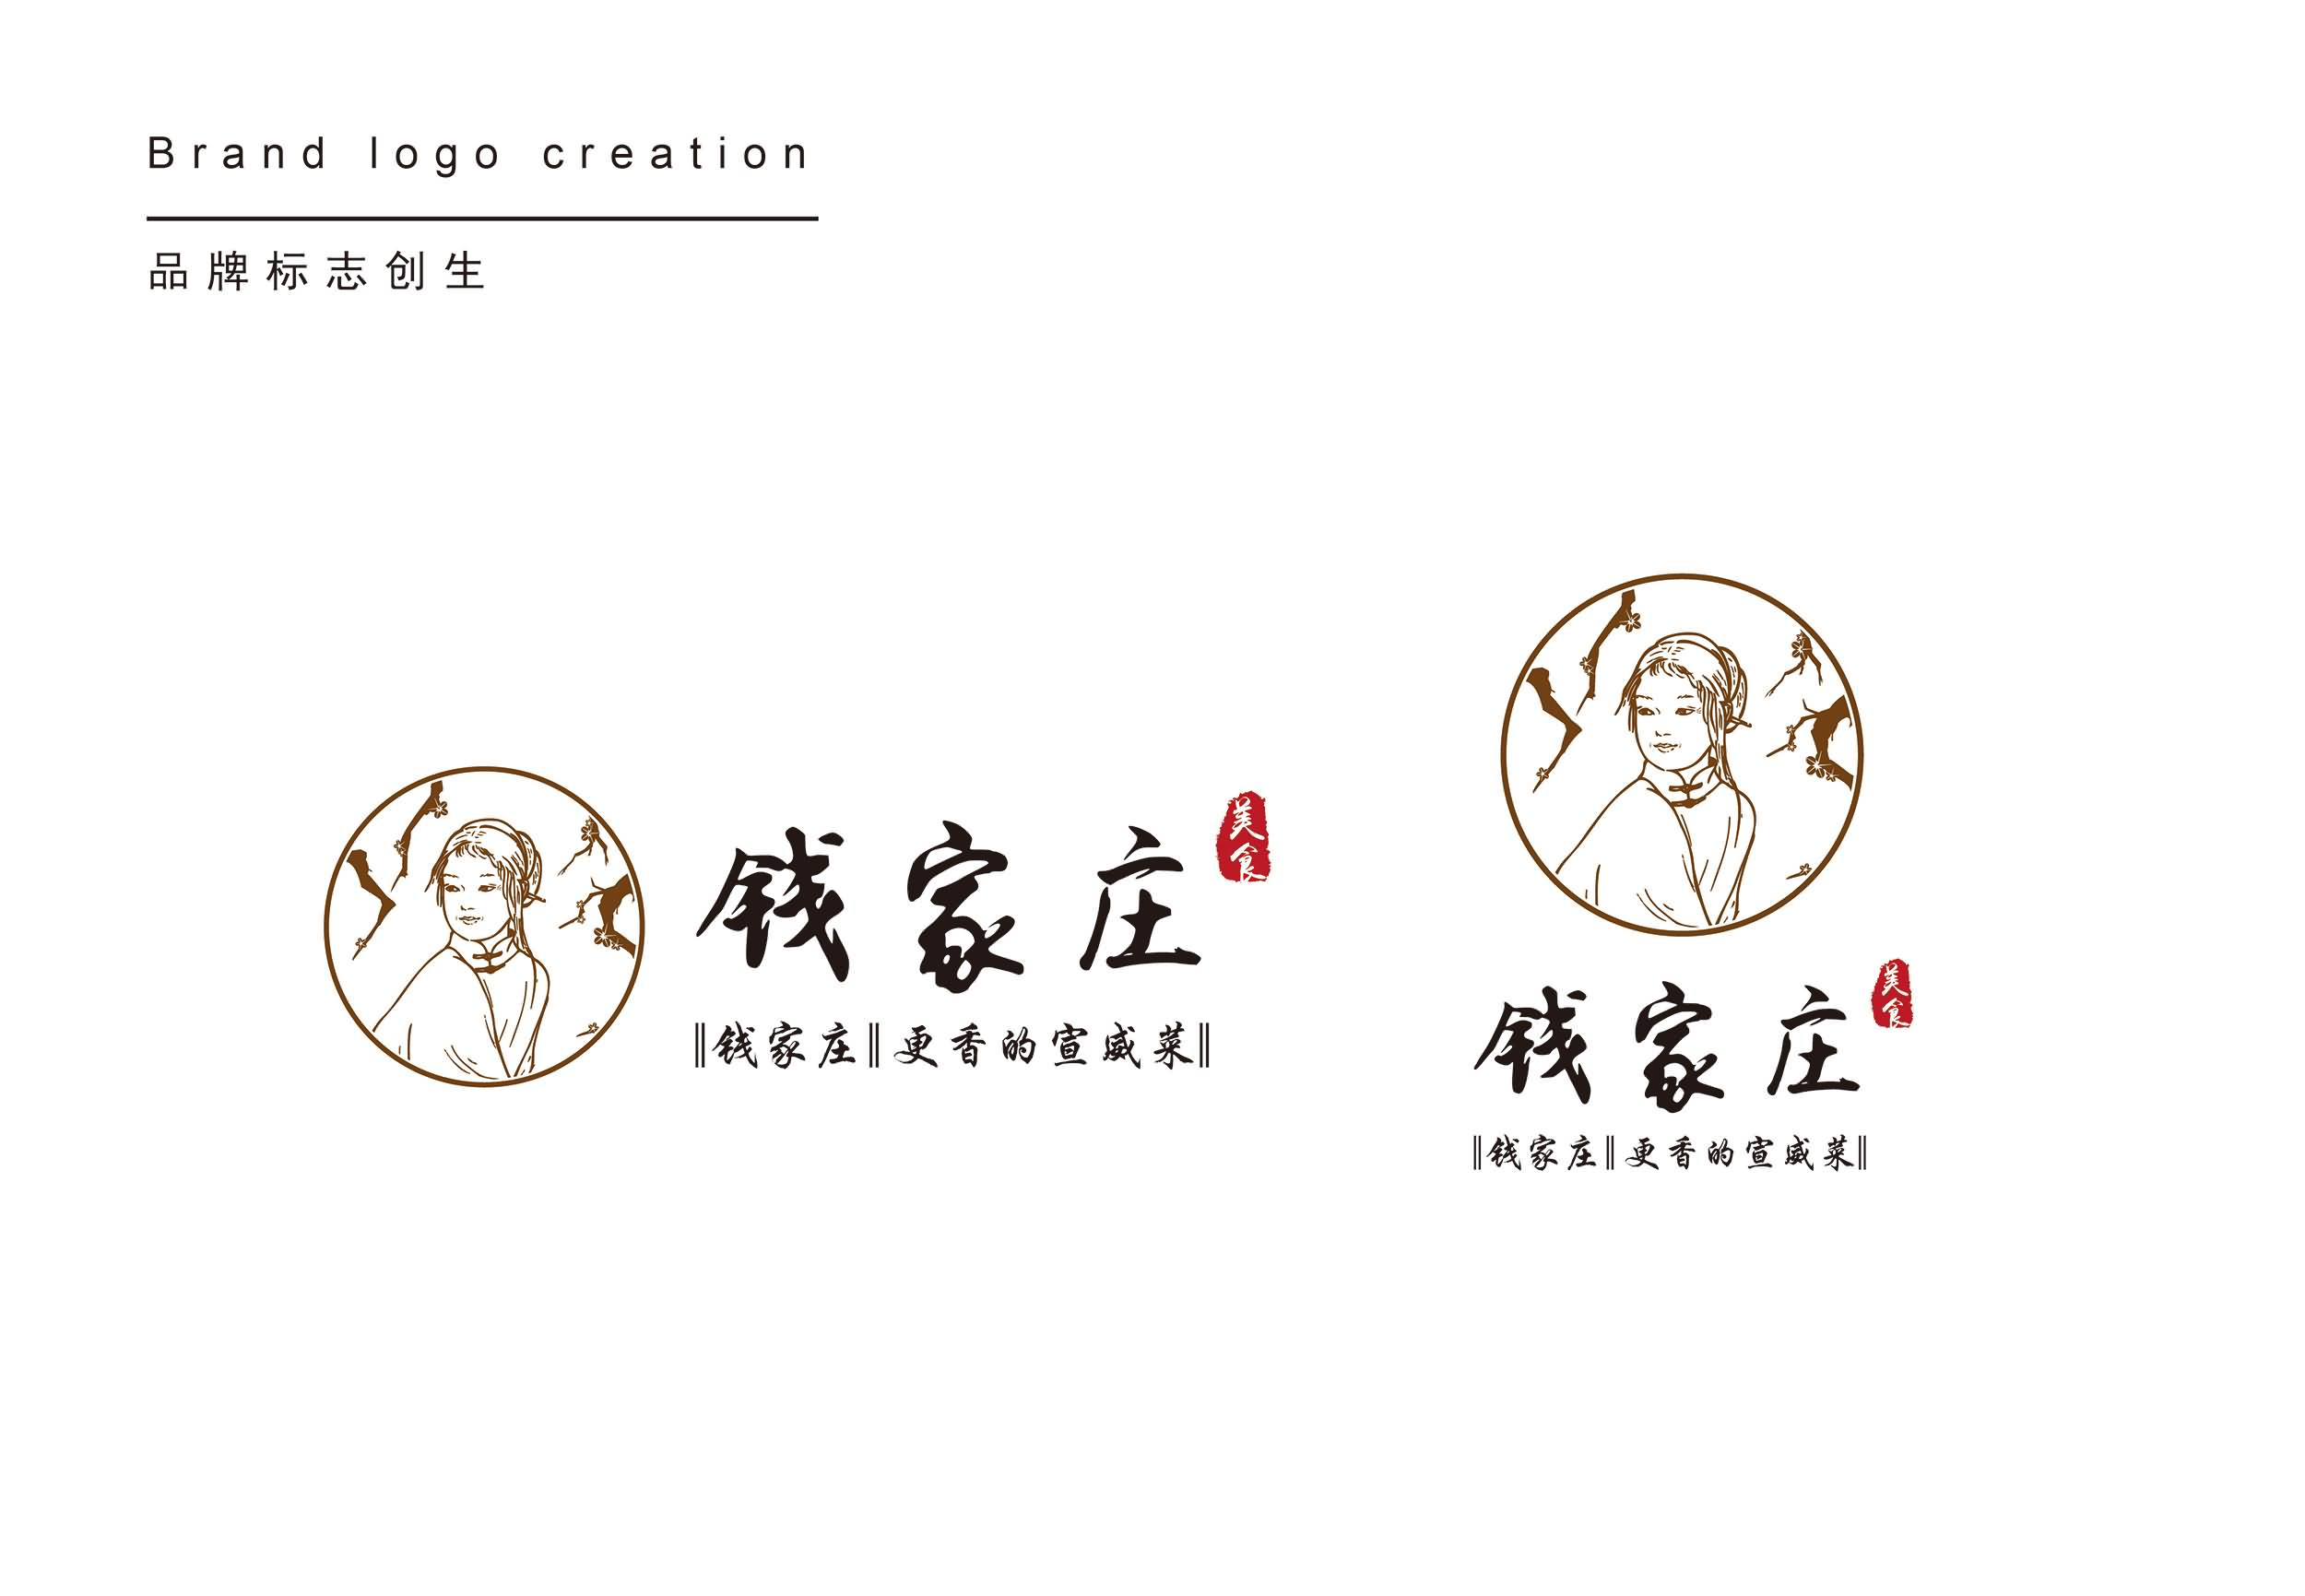 昆明市官渡区钱家庄饭店3